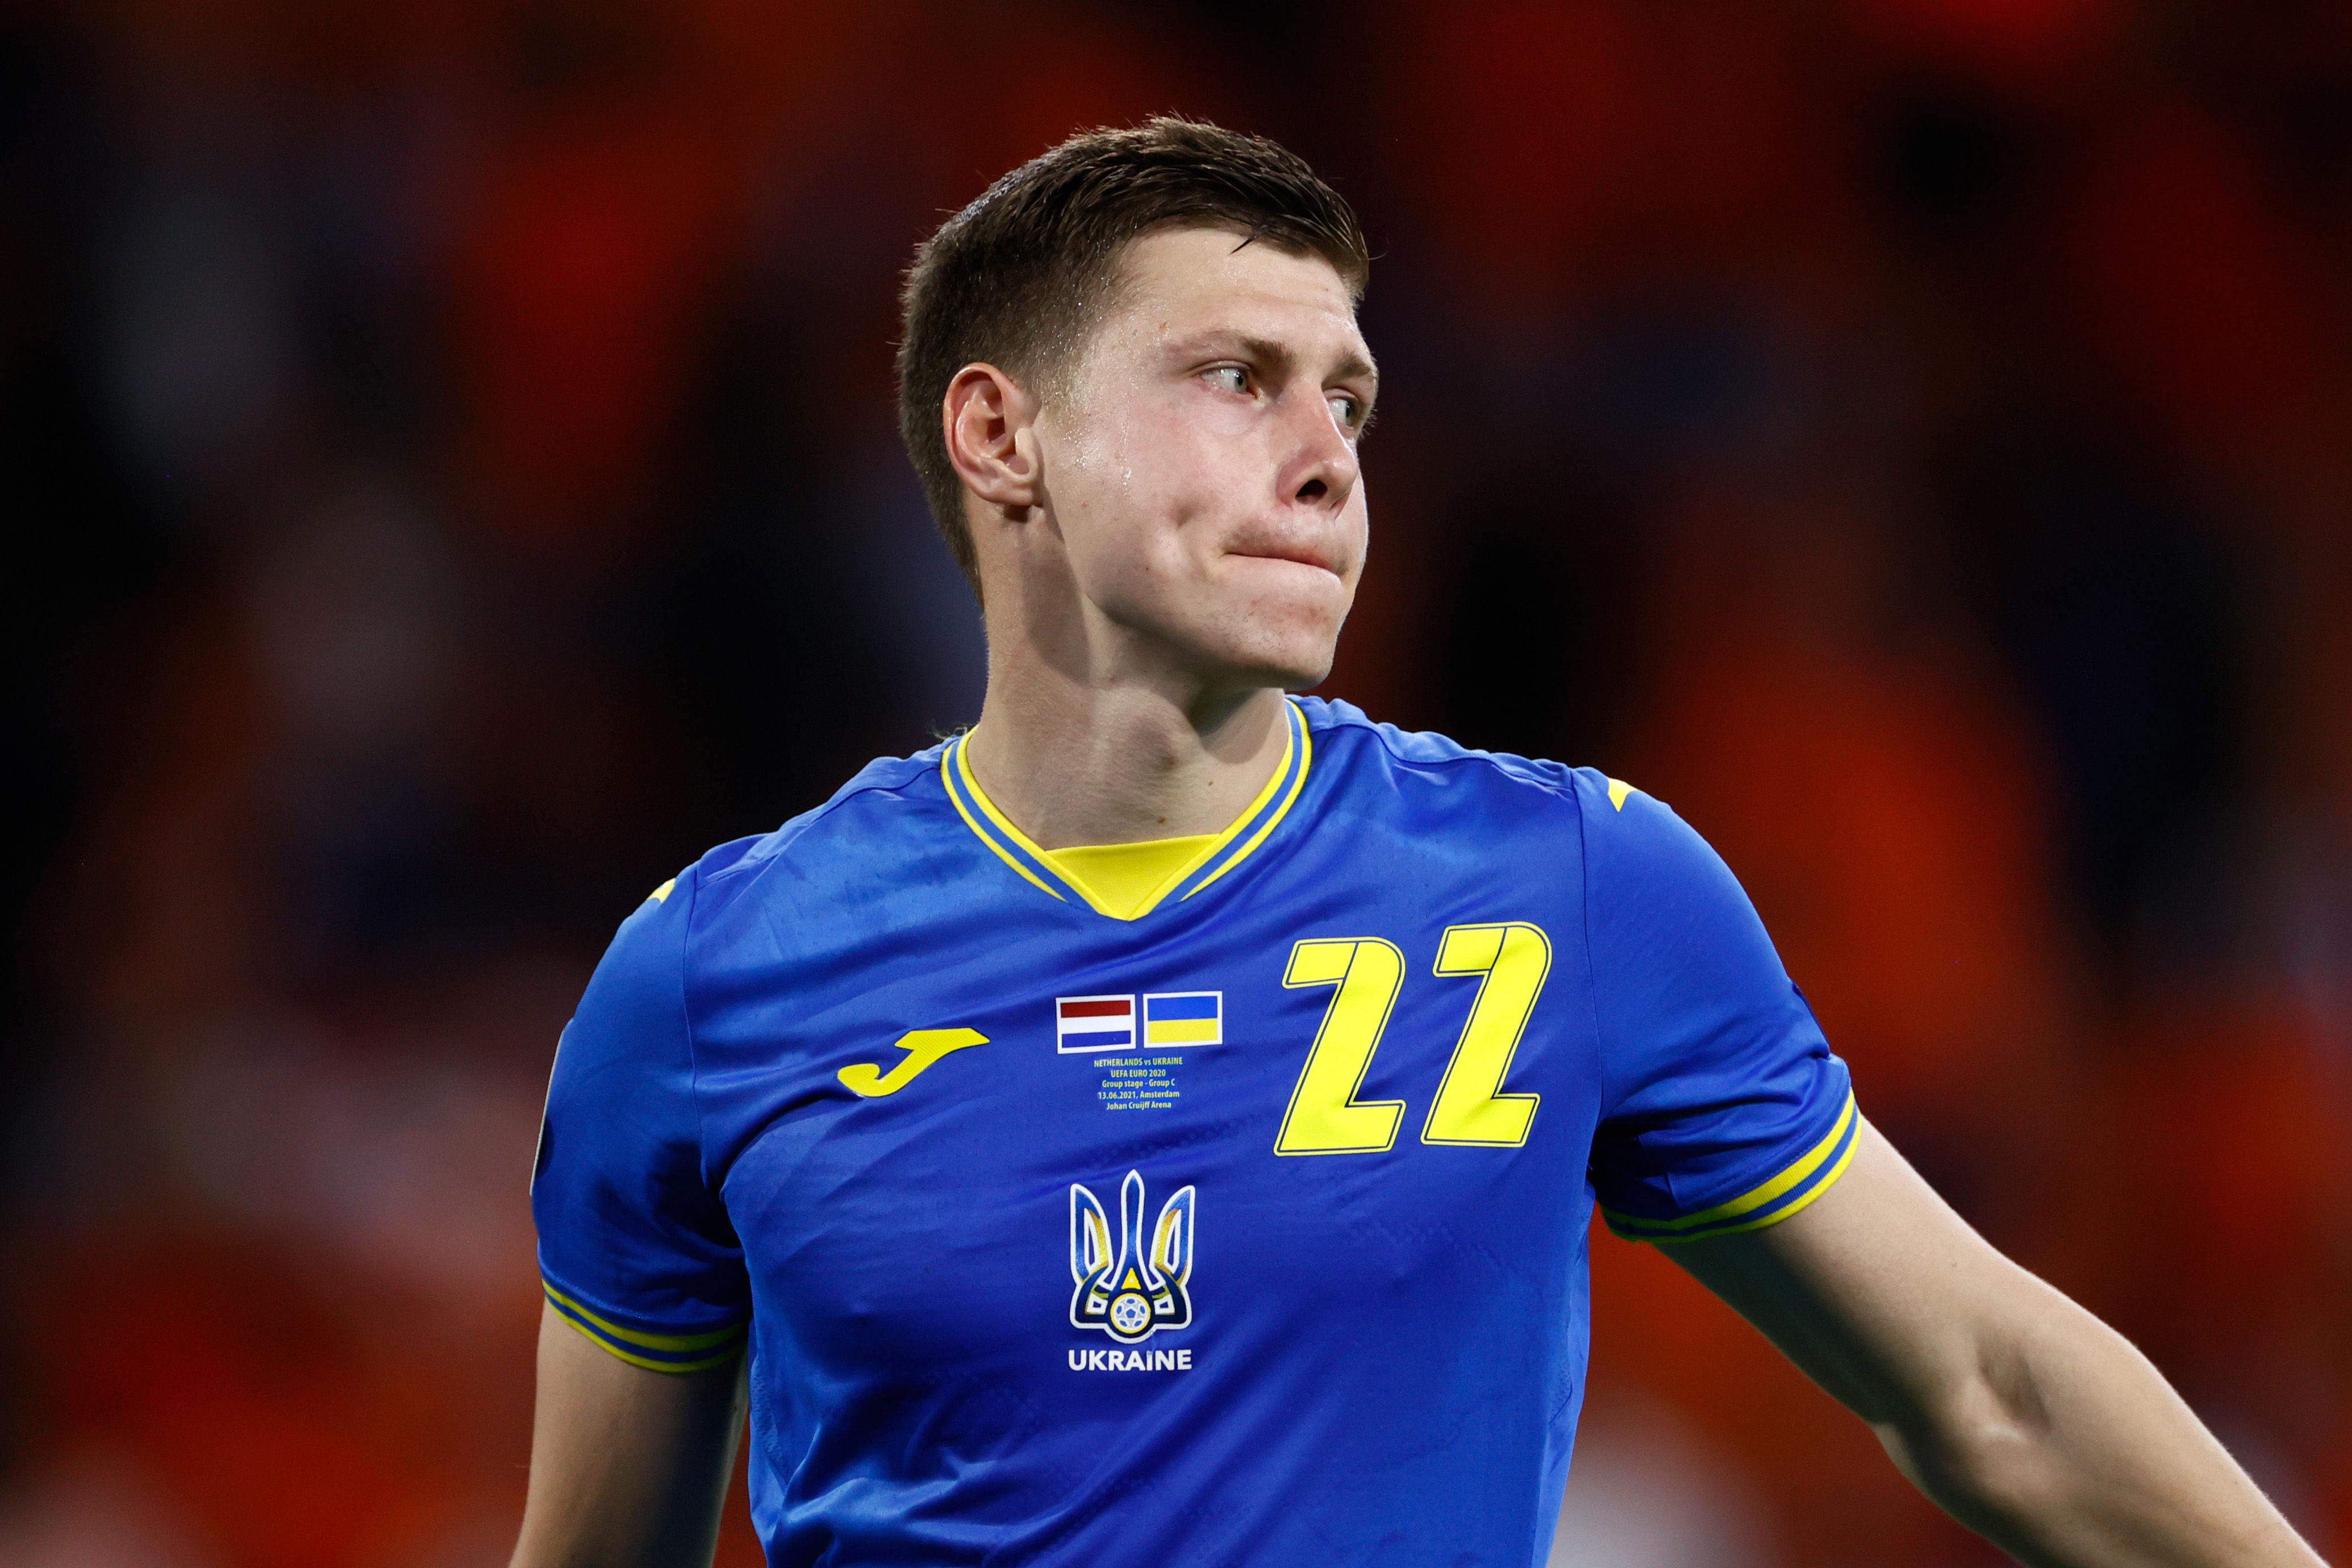 Замаскували. Україна зіграла на Євро-2020 у футболках, на яких майже не видно зображення контурів держави. ФОТОФАКТ - изображение 2